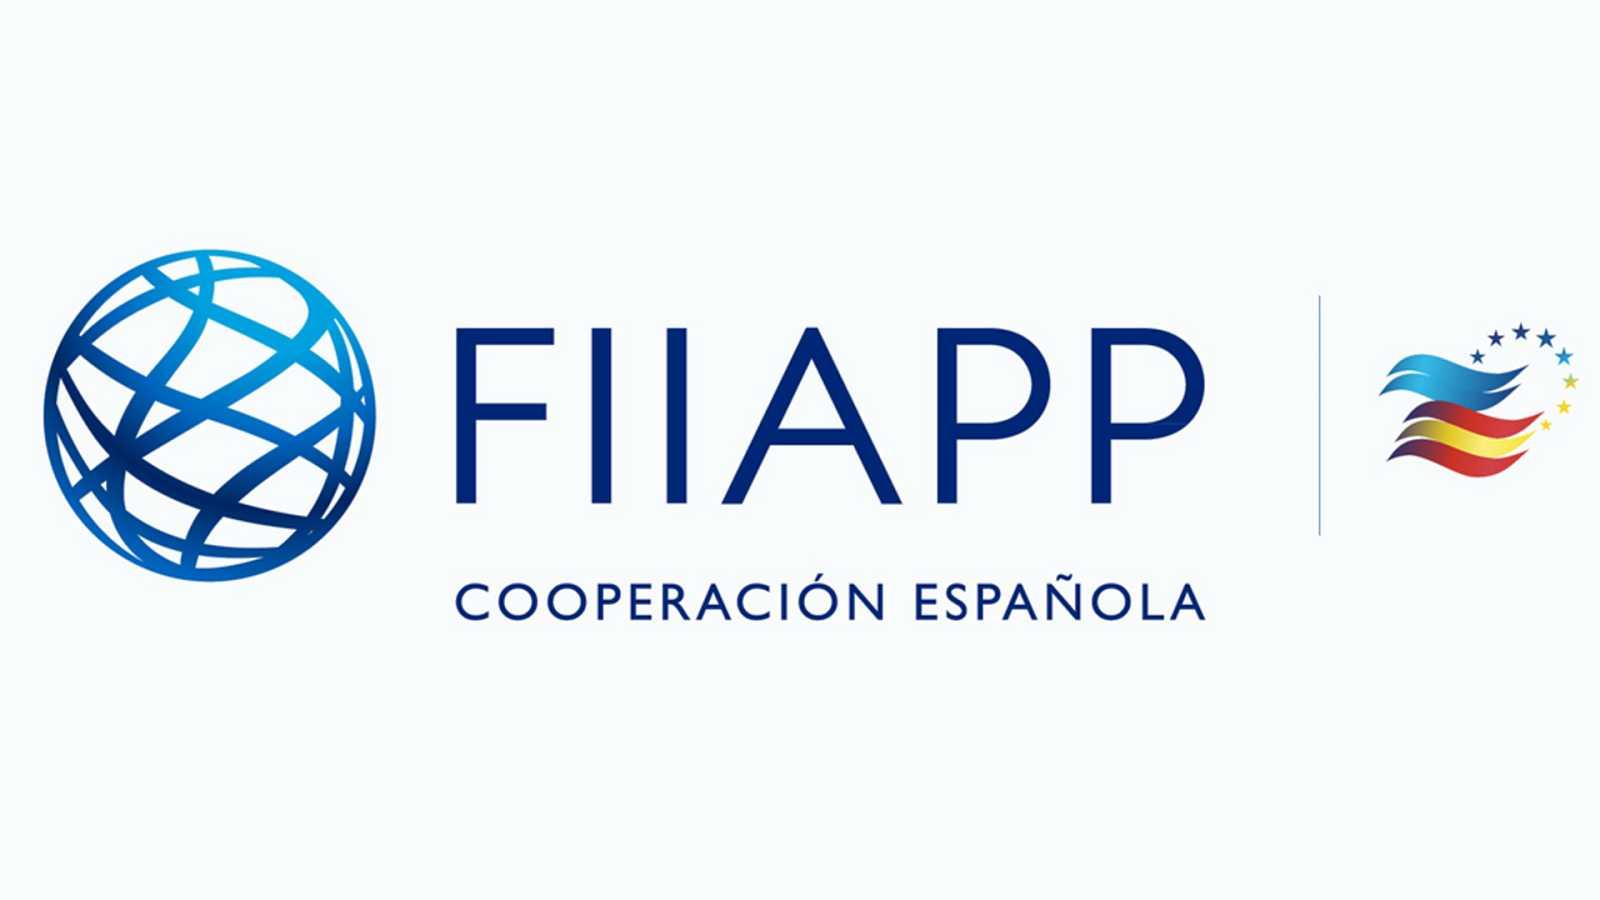 Cooperación pública en el mundo (FIIAPP) - A-Tipsom Voice - 18/11/20 - escuchar ahora